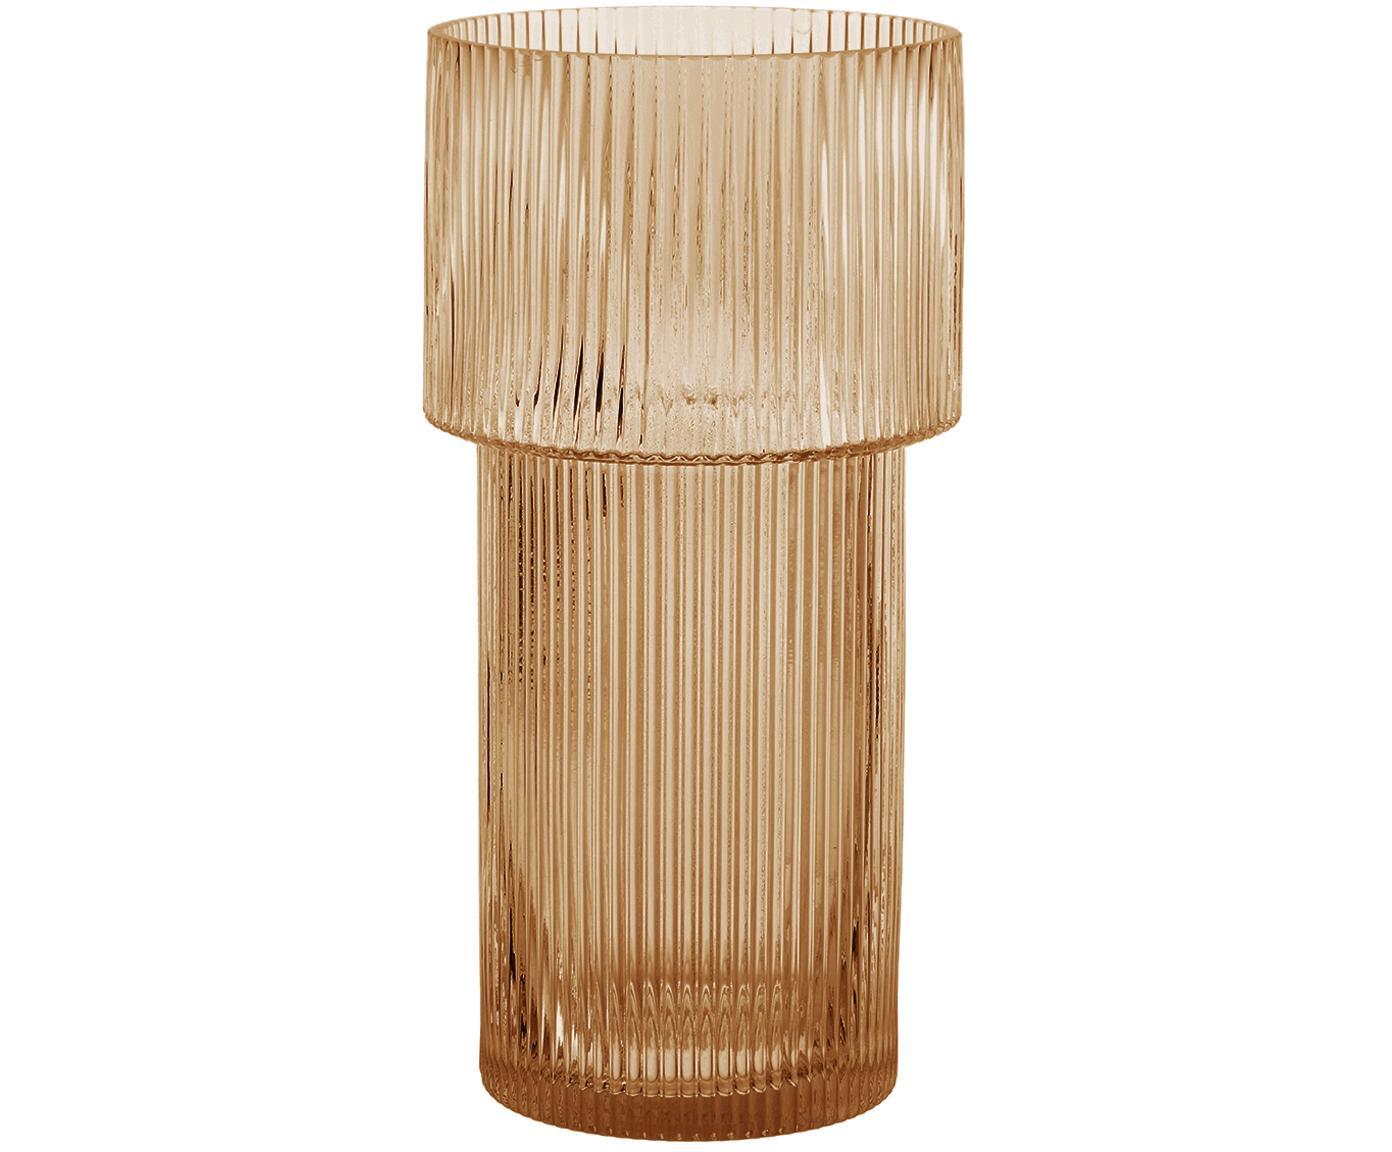 Vaas Lija, Glas, Amberkleurig, transparant, Ø 14 x H 30 cm